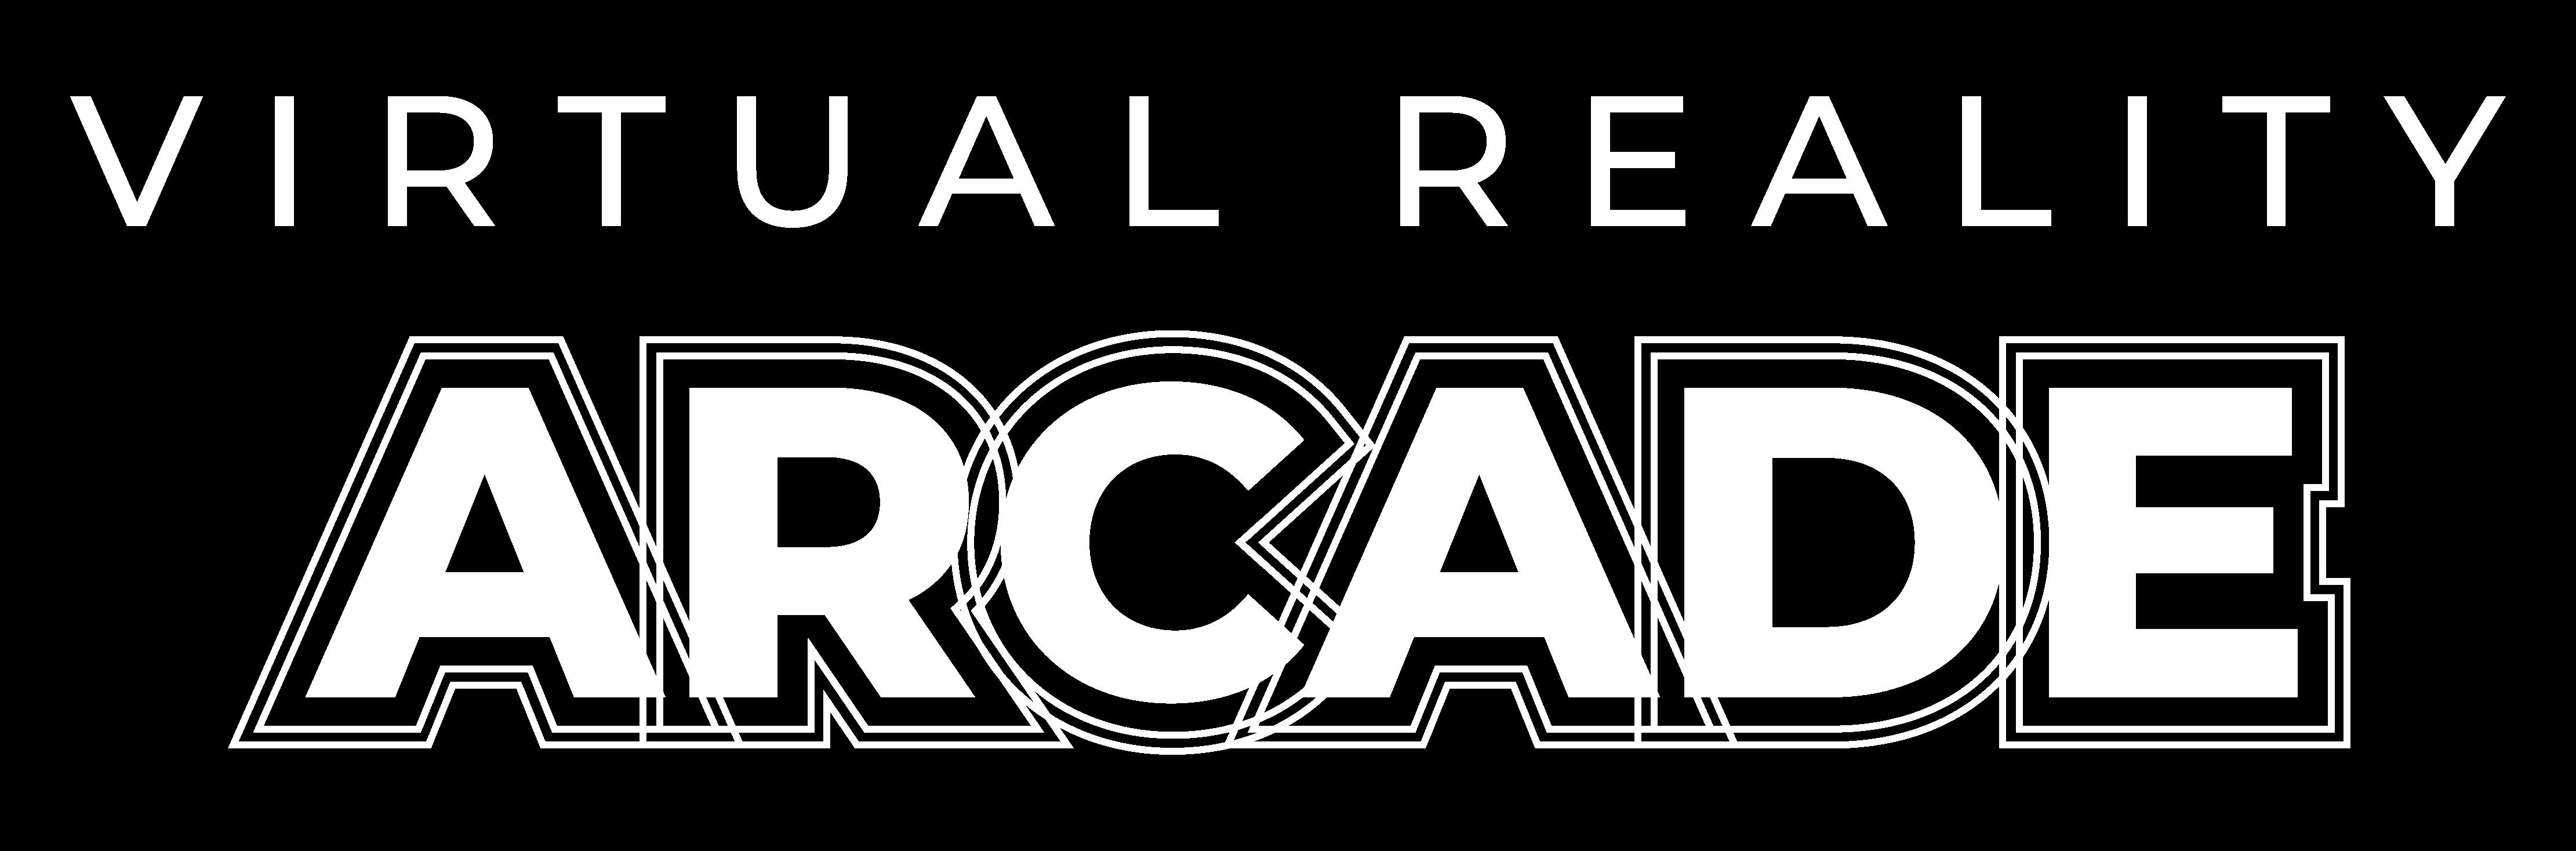 Virtual Reality Arcade logo